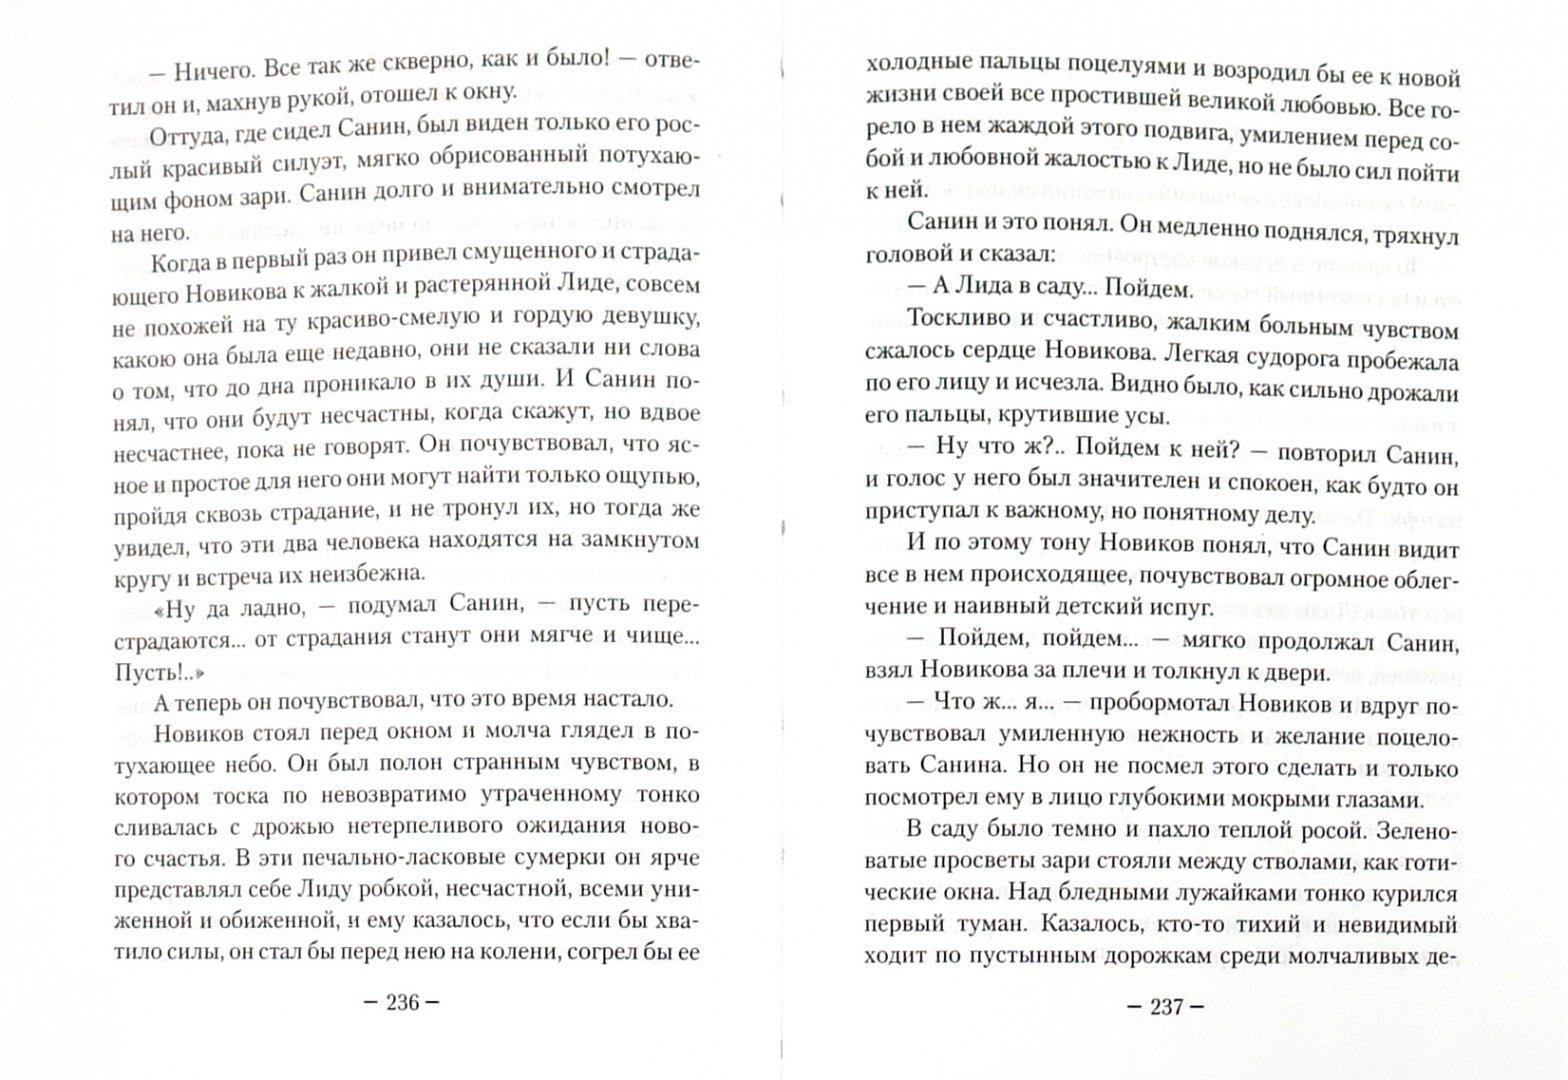 Иллюстрация 1 из 10 для Санин - Михаил Арцыбашев   Лабиринт - книги. Источник: Лабиринт